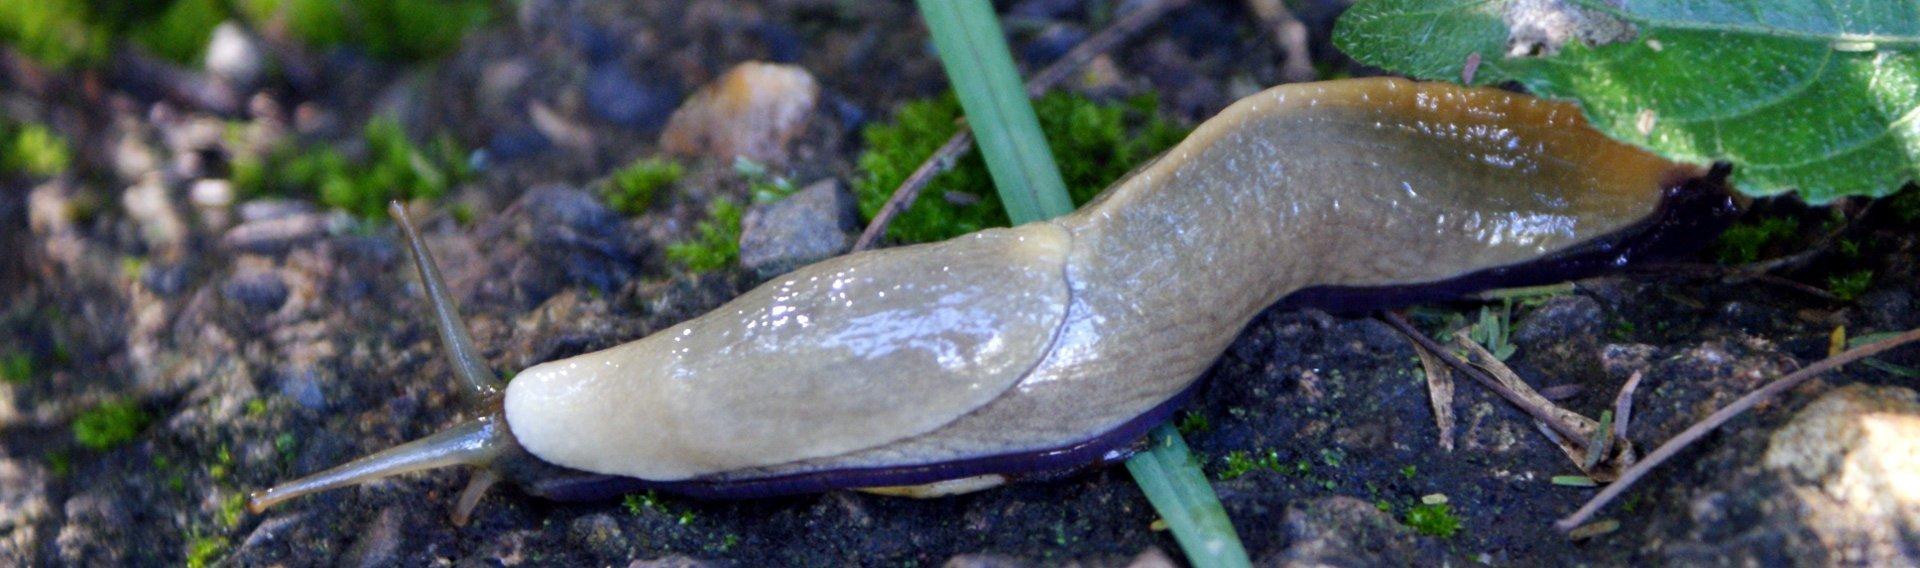 Slug With Purple foot